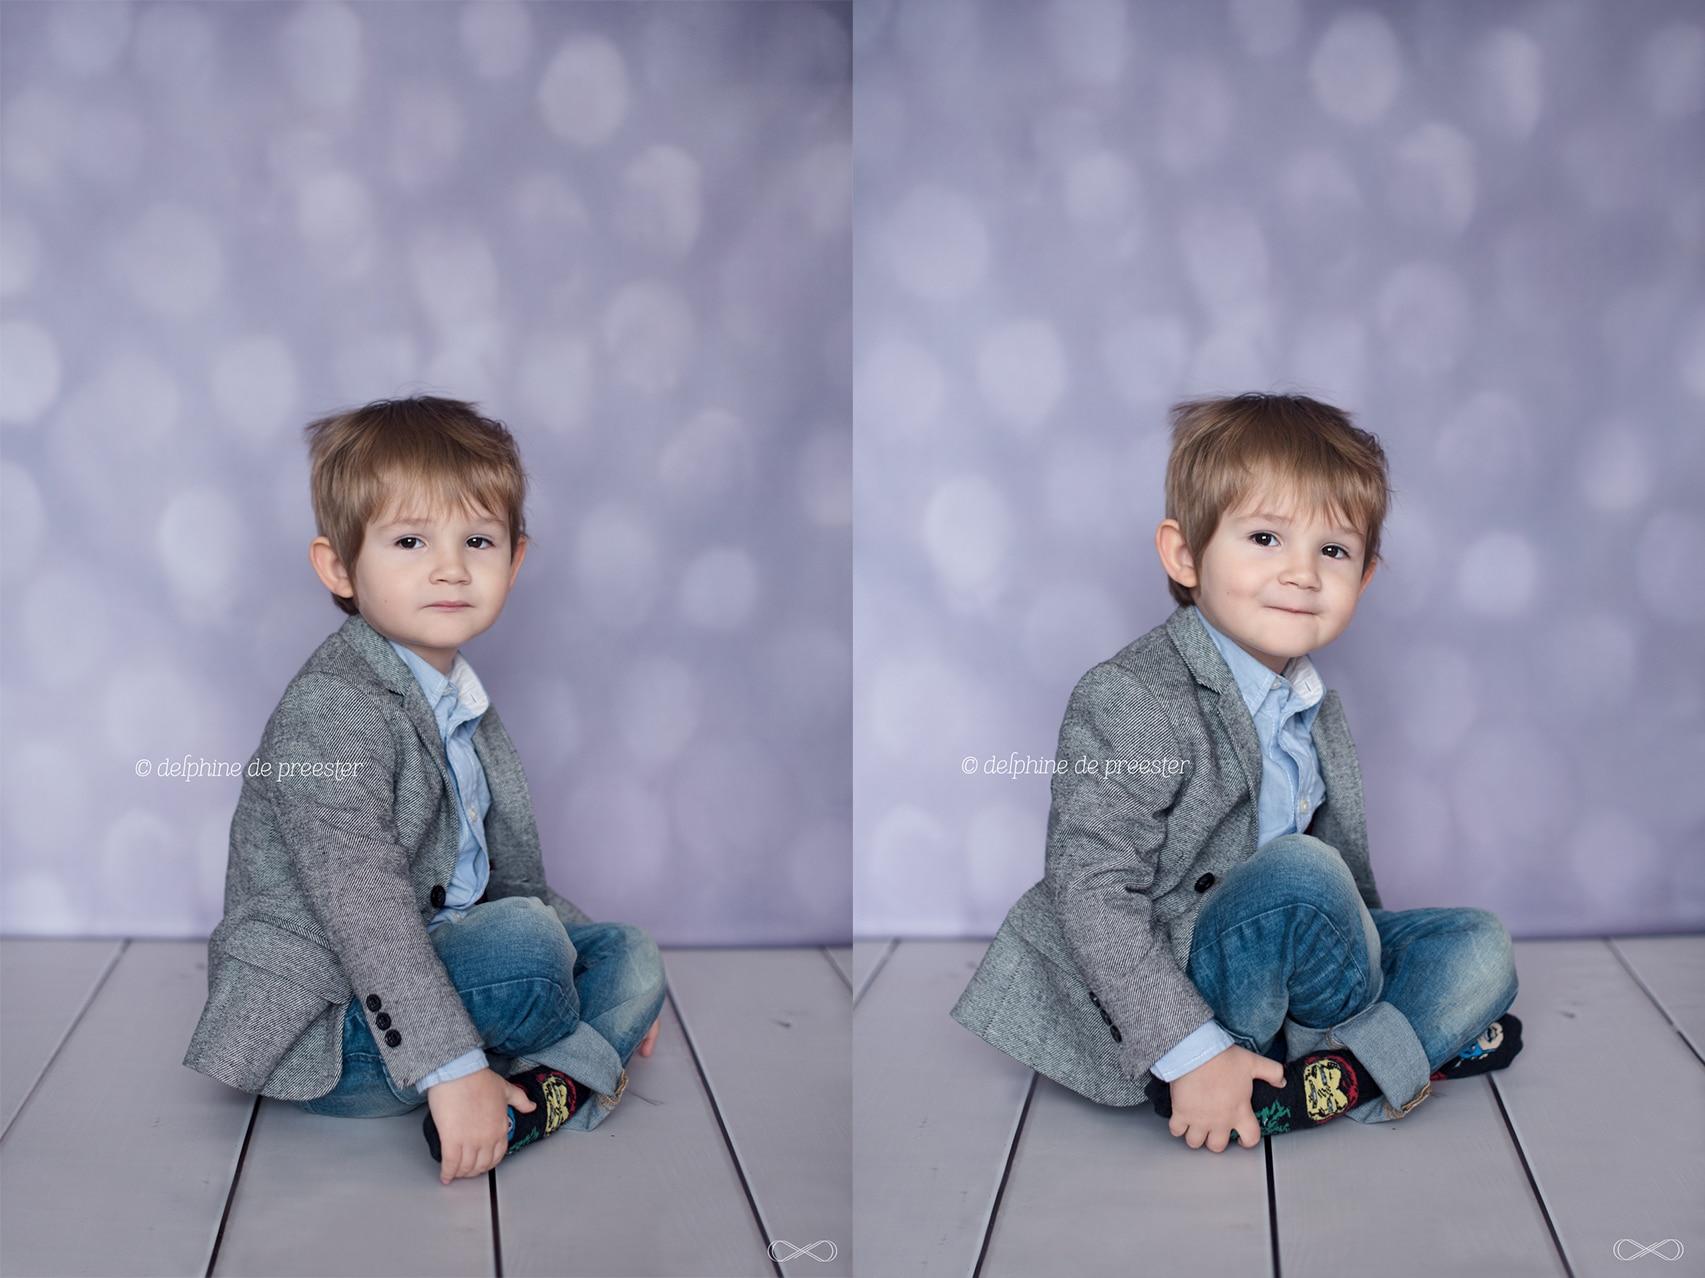 séance photos enfant paris en studio